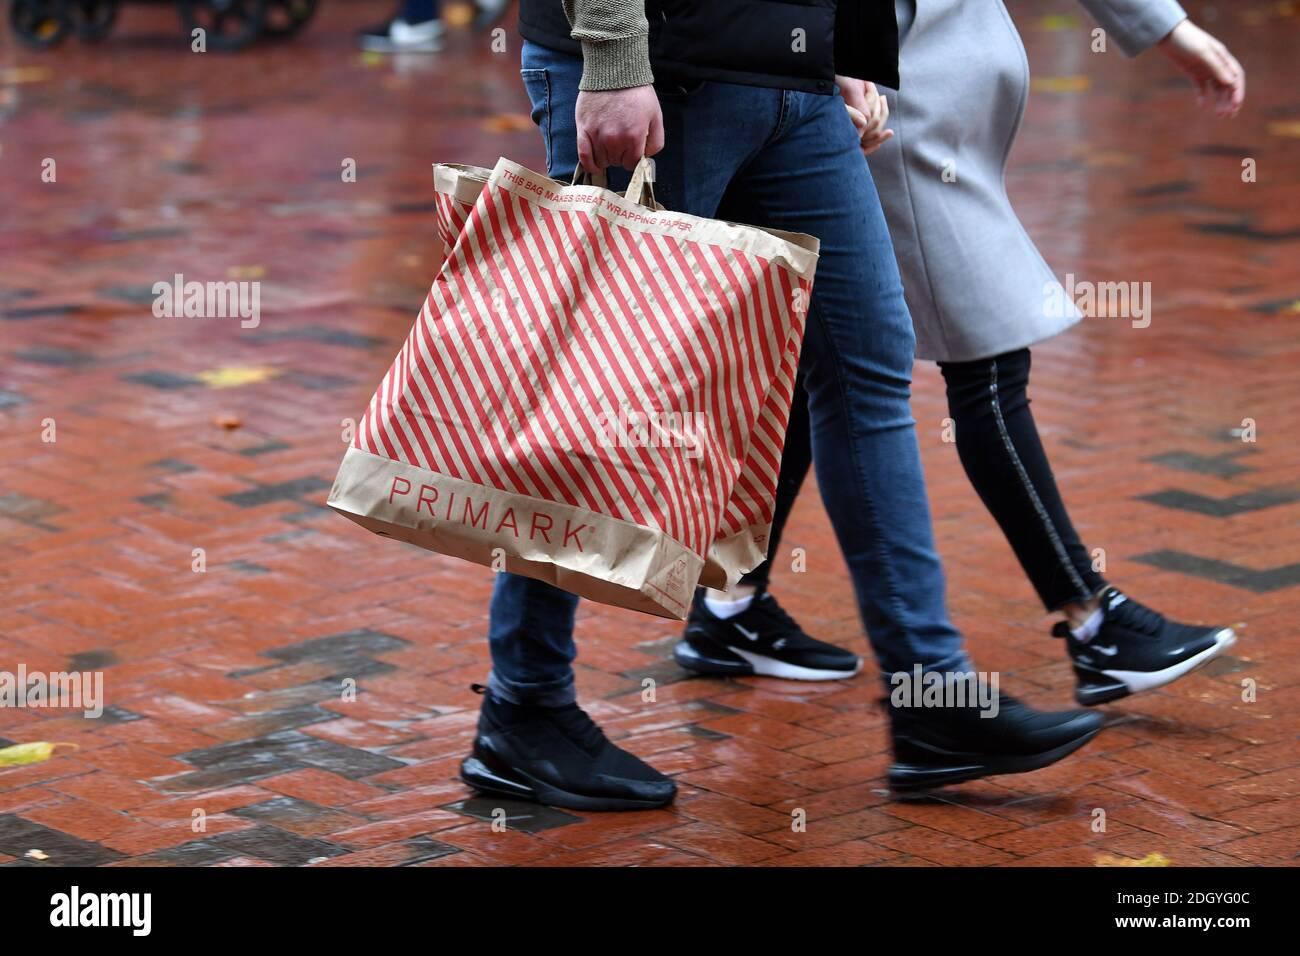 Scenes around Broad Street, Reading, Berkshire, il giorno dopo la chiusura di Lockdown 2, giovedì 3 dicembre 2020. Foto Stock